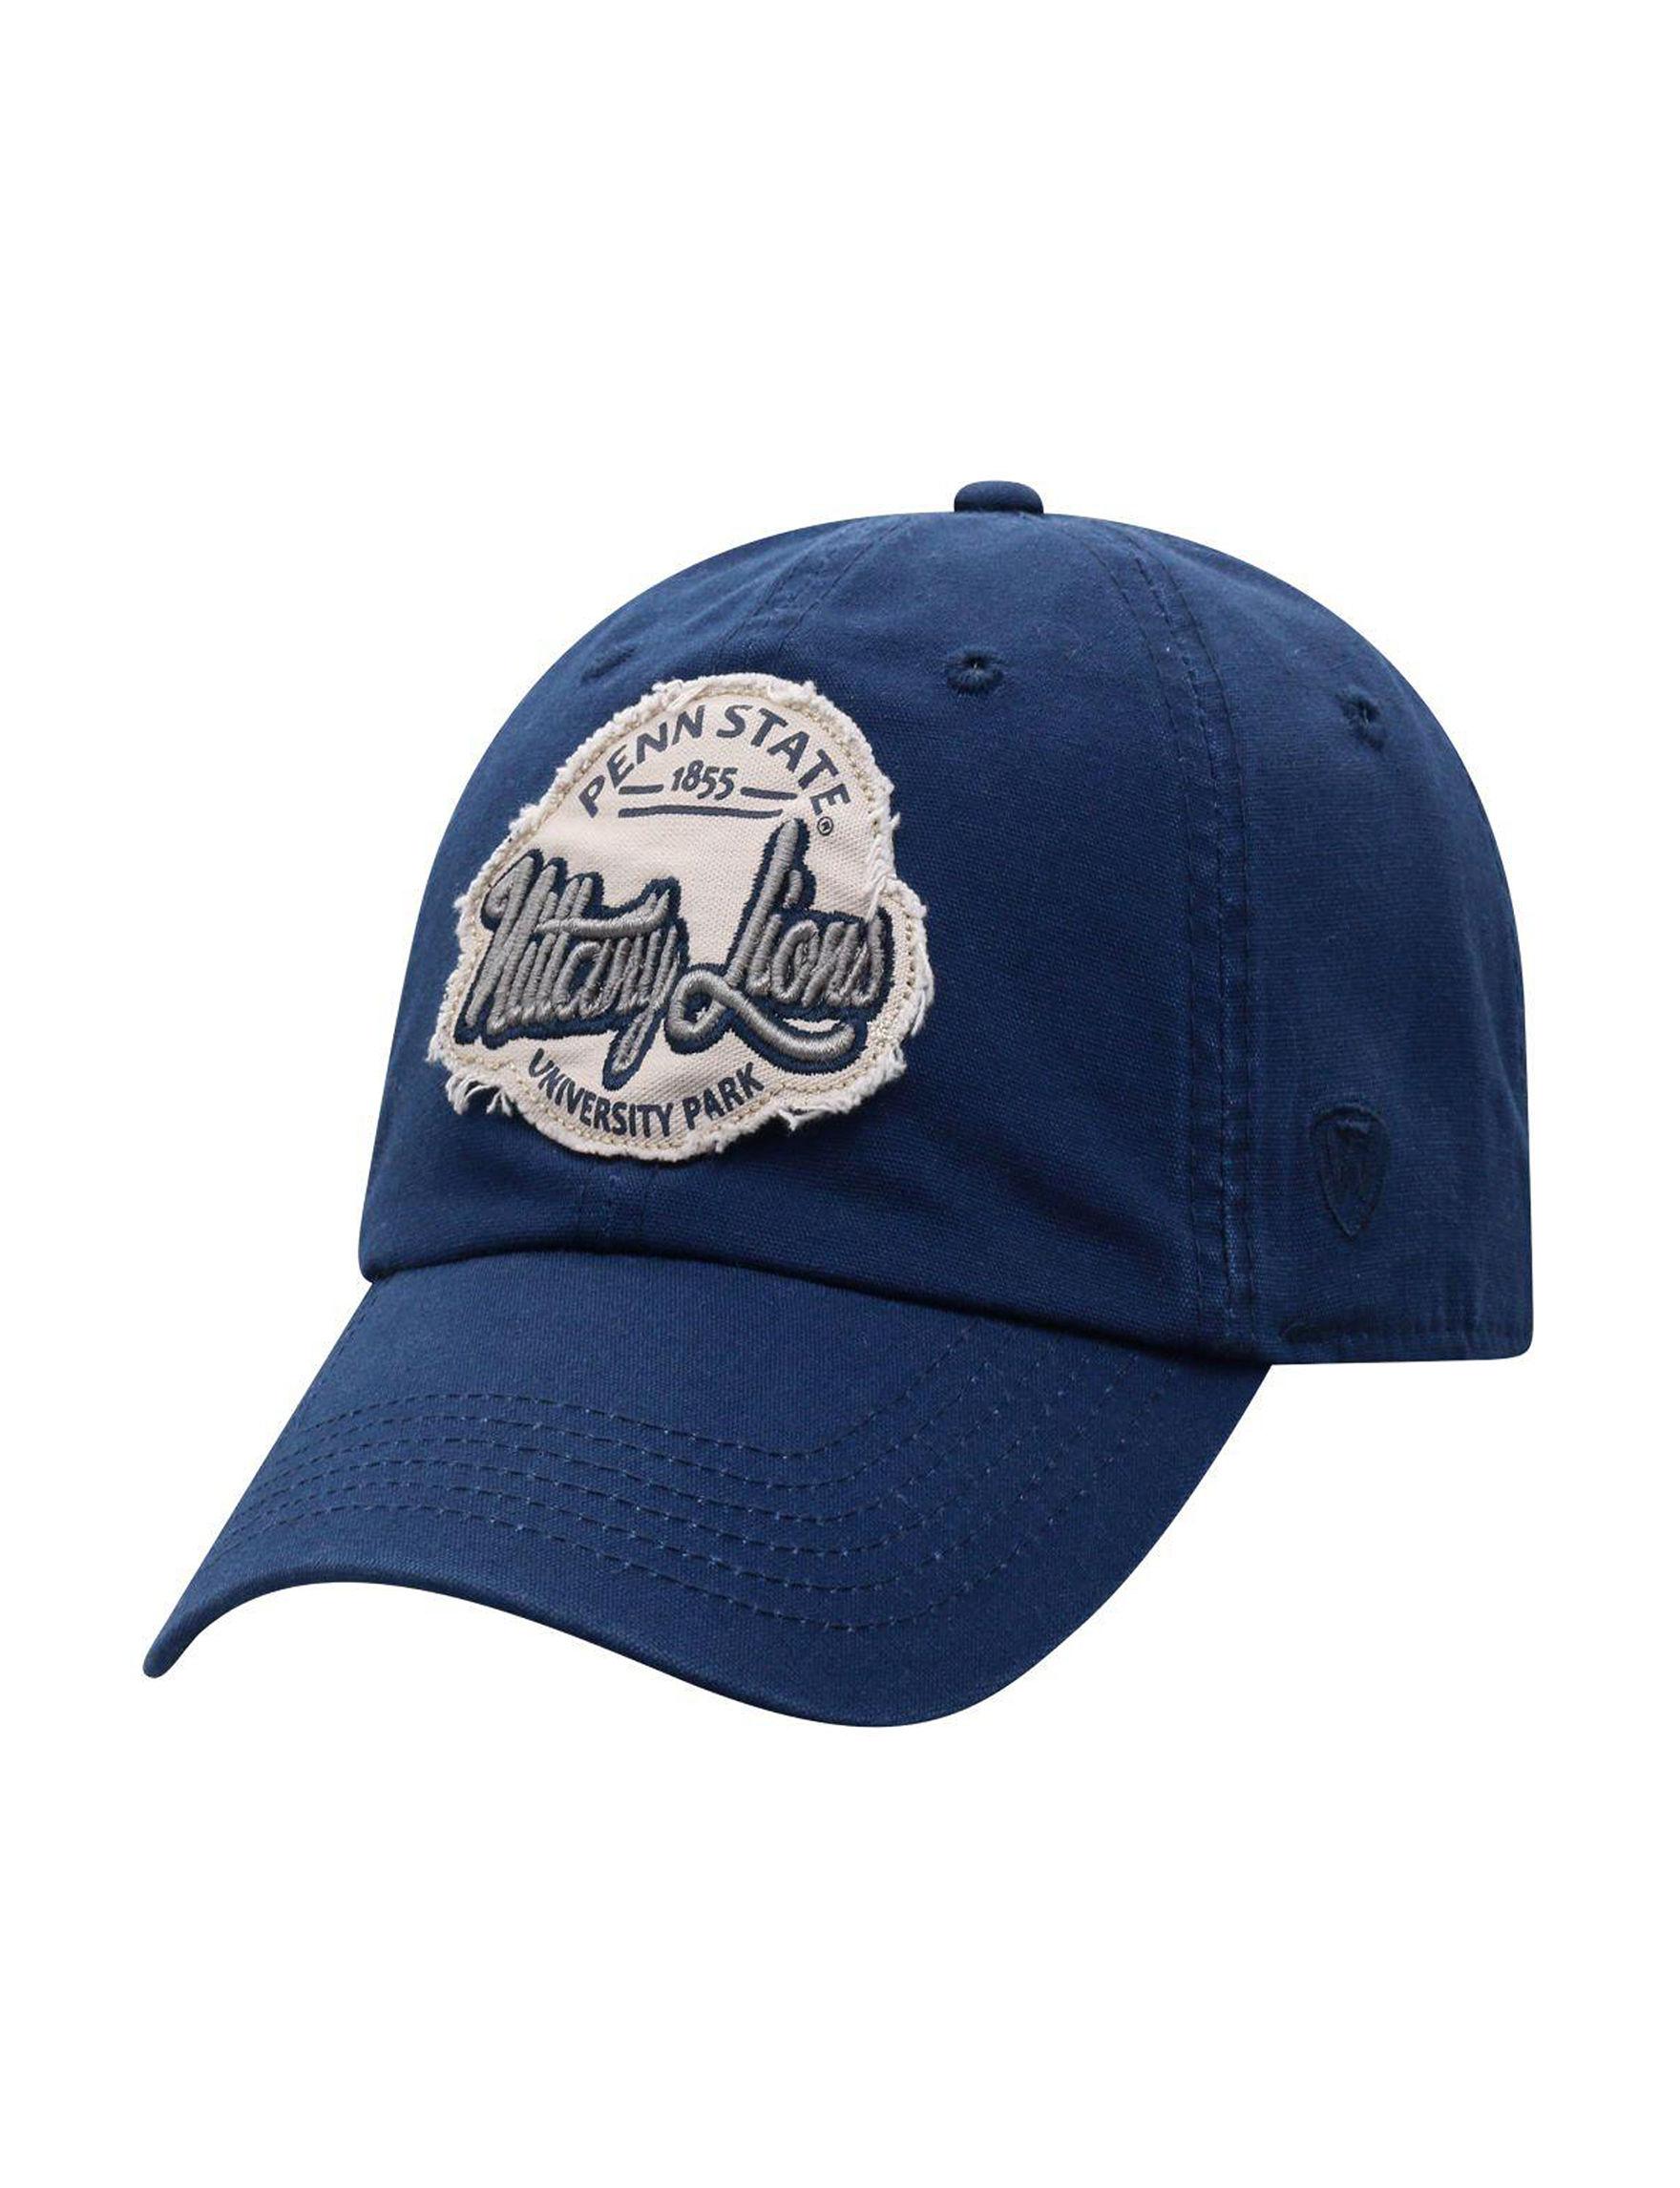 NCAA Blue Hats & Headwear